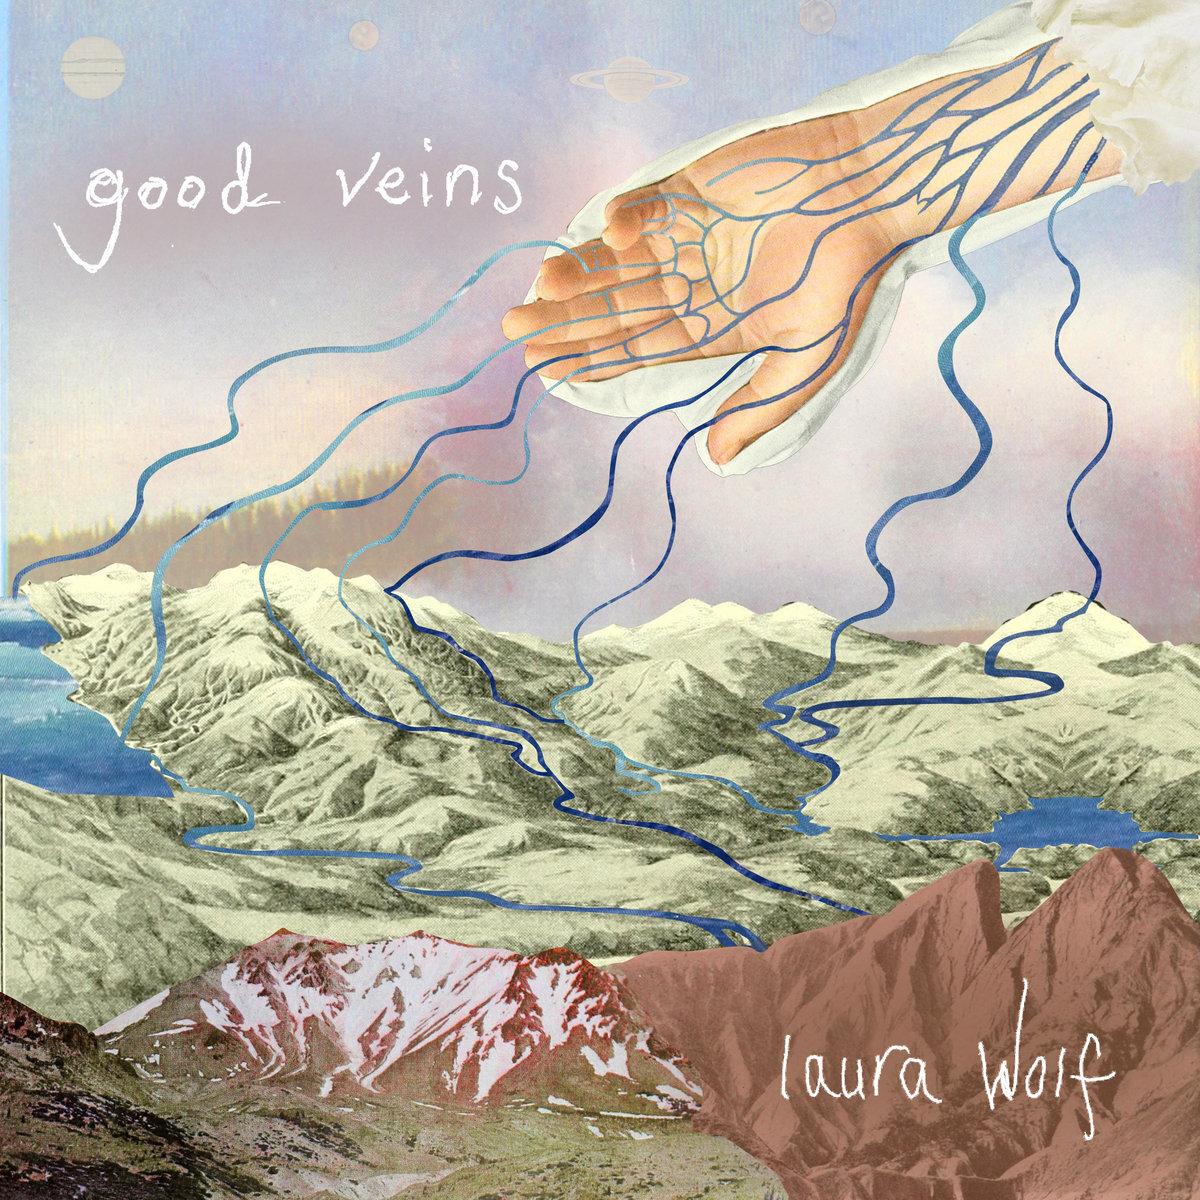 Laura Wolf  Good Veins